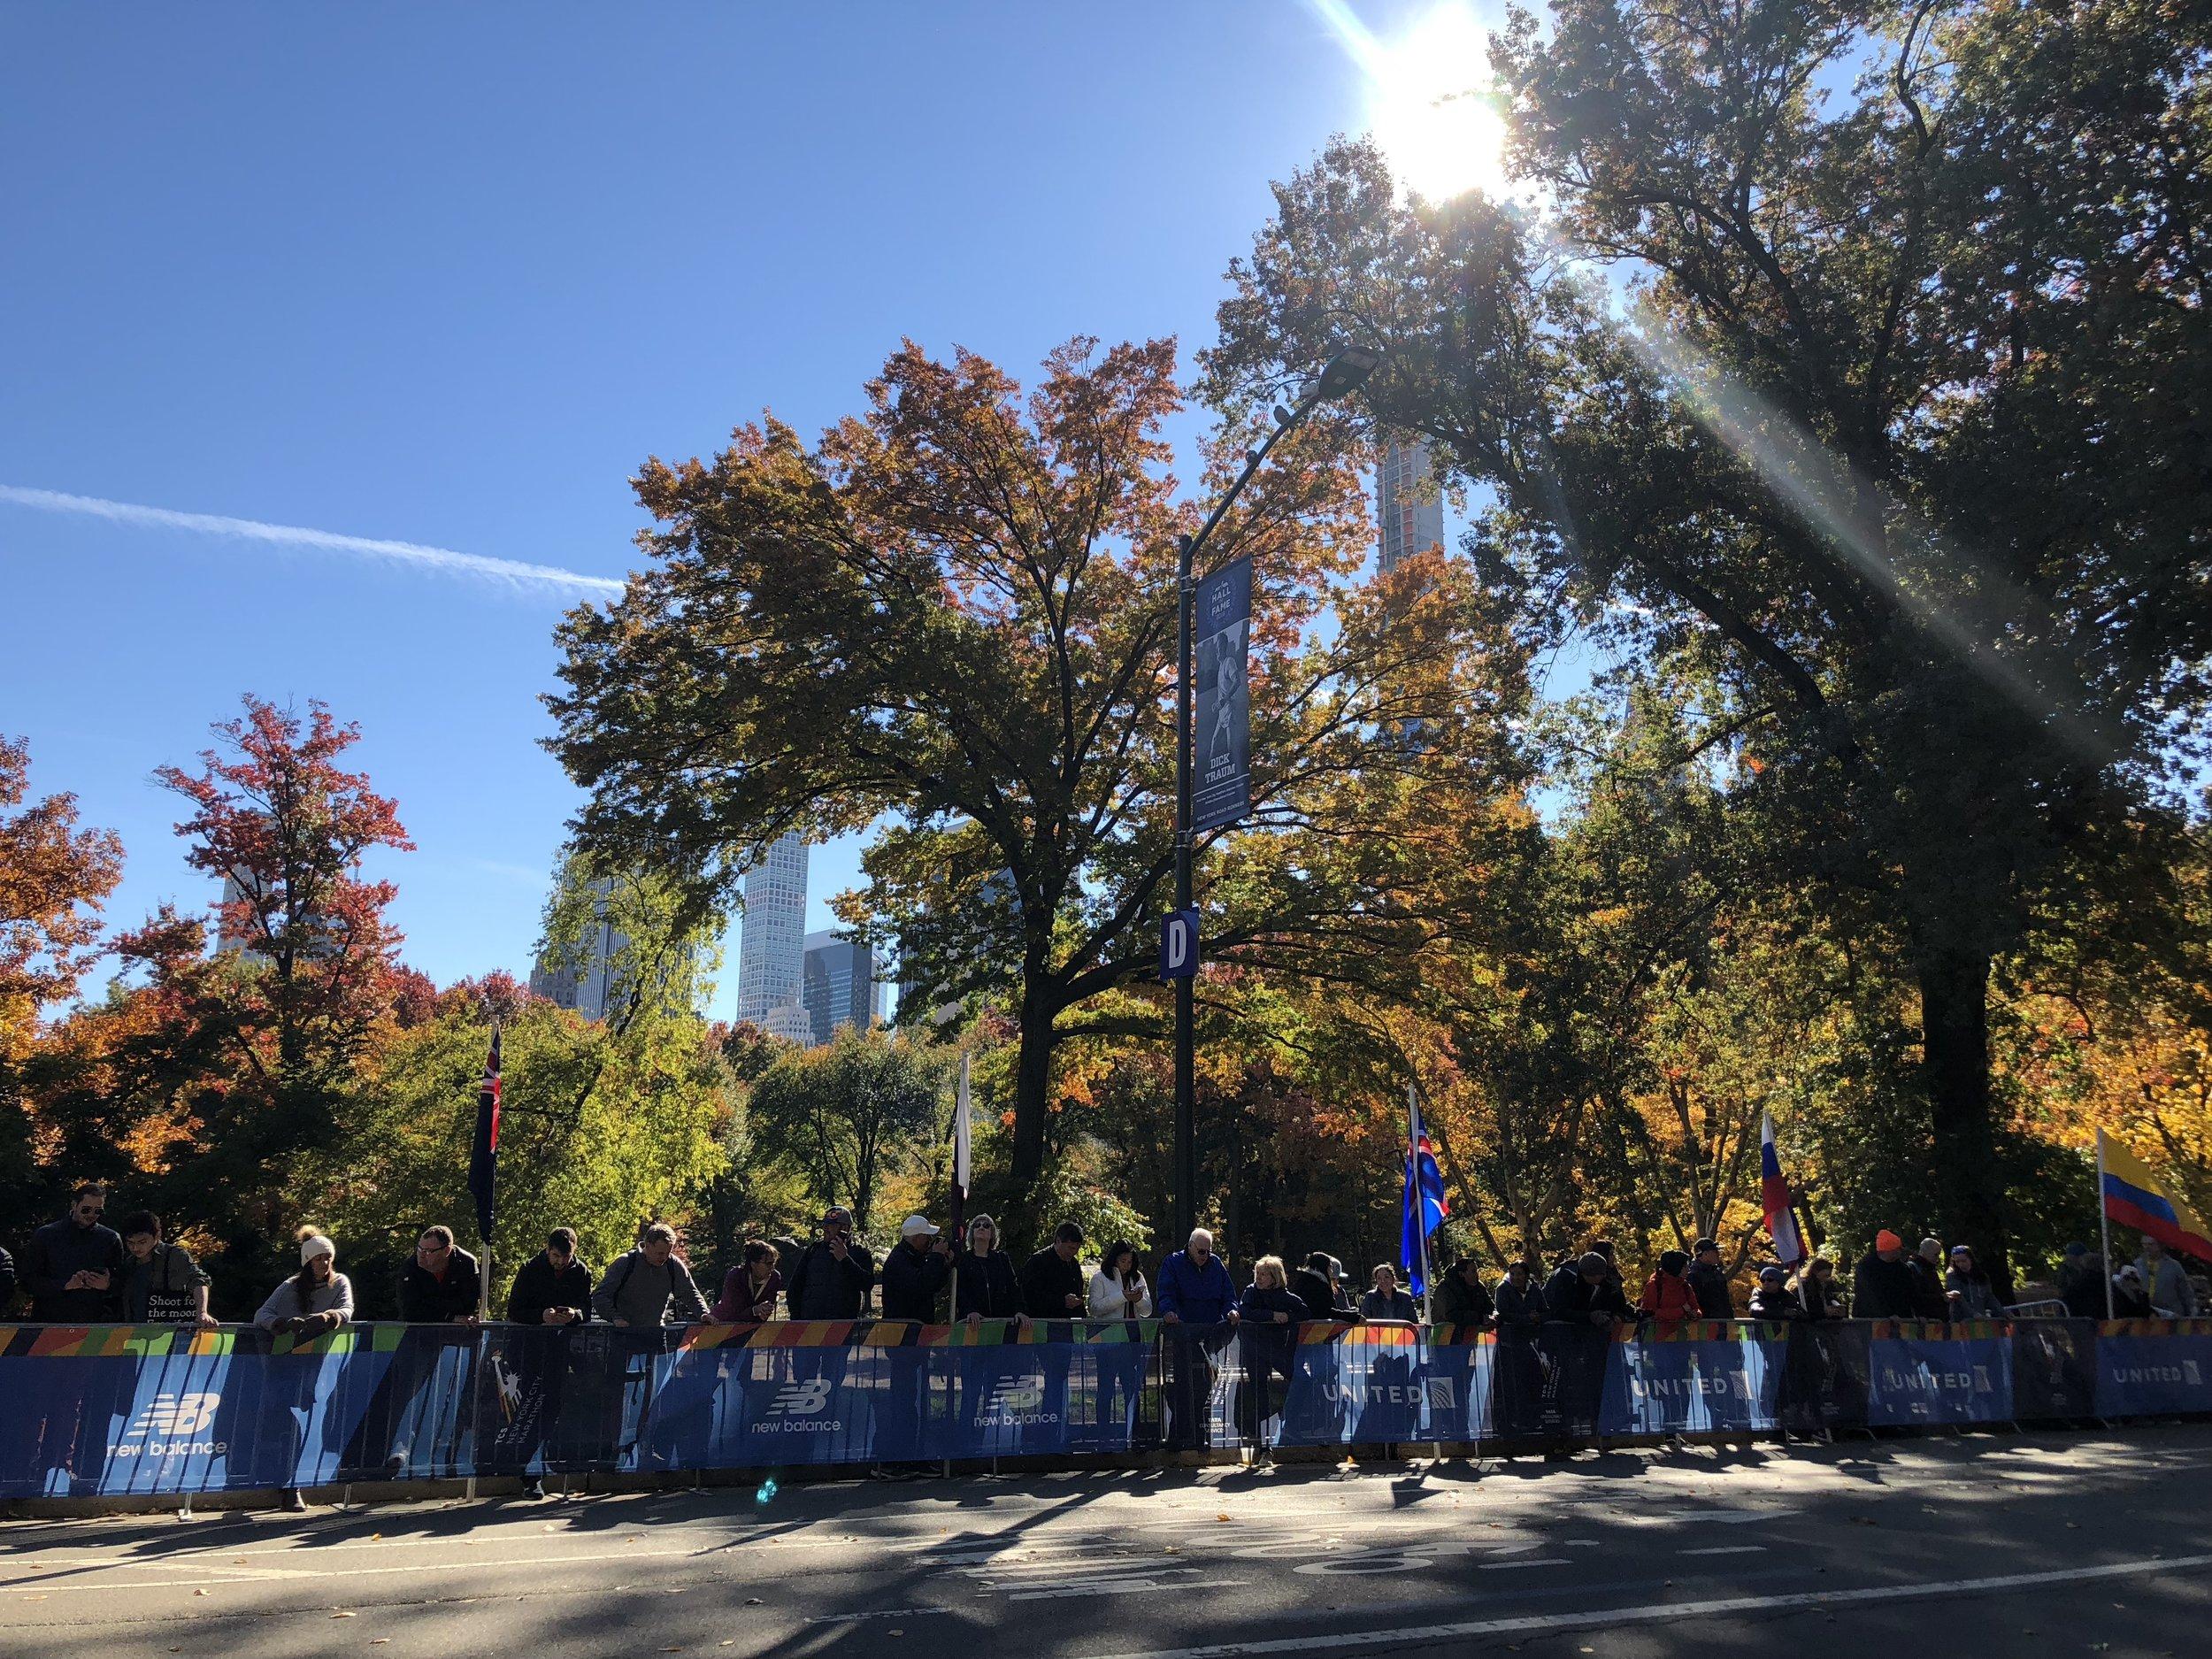 Photo taken by Samantha McHenry. NYC Marathon, November 2018.